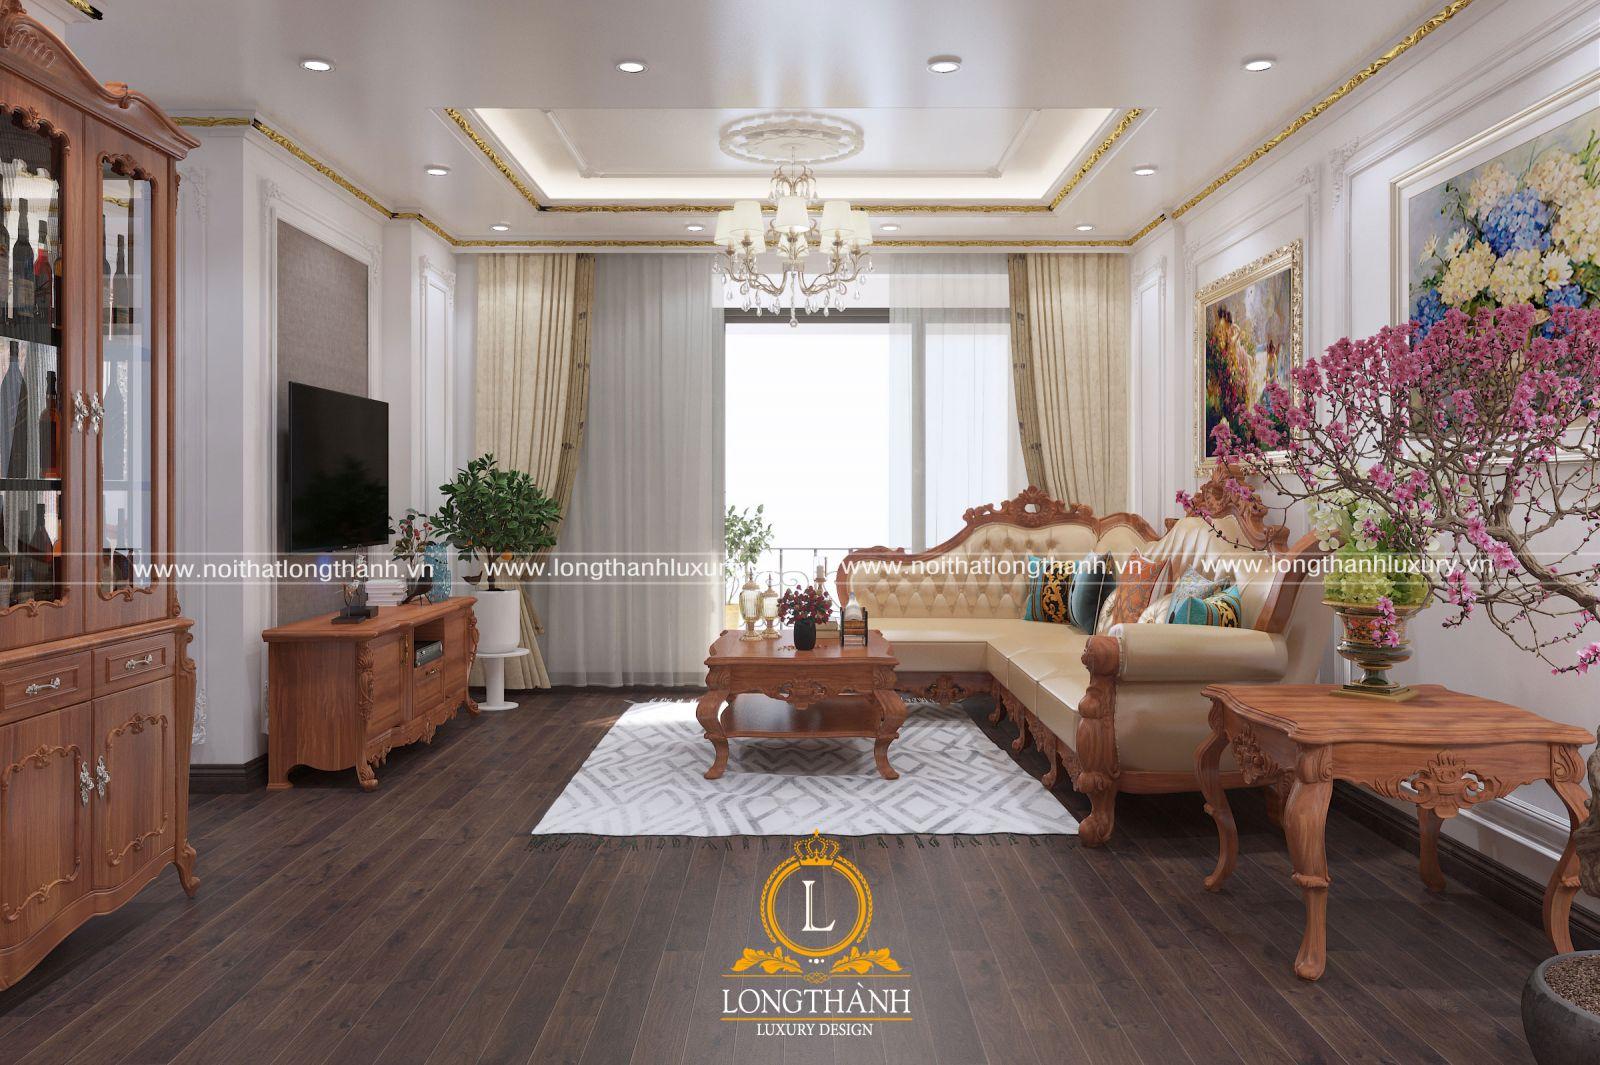 Mẫu thiết kế sofa tân cổ điển phòng khách chung cư với tông màu nâu của gỗ tự nhiên